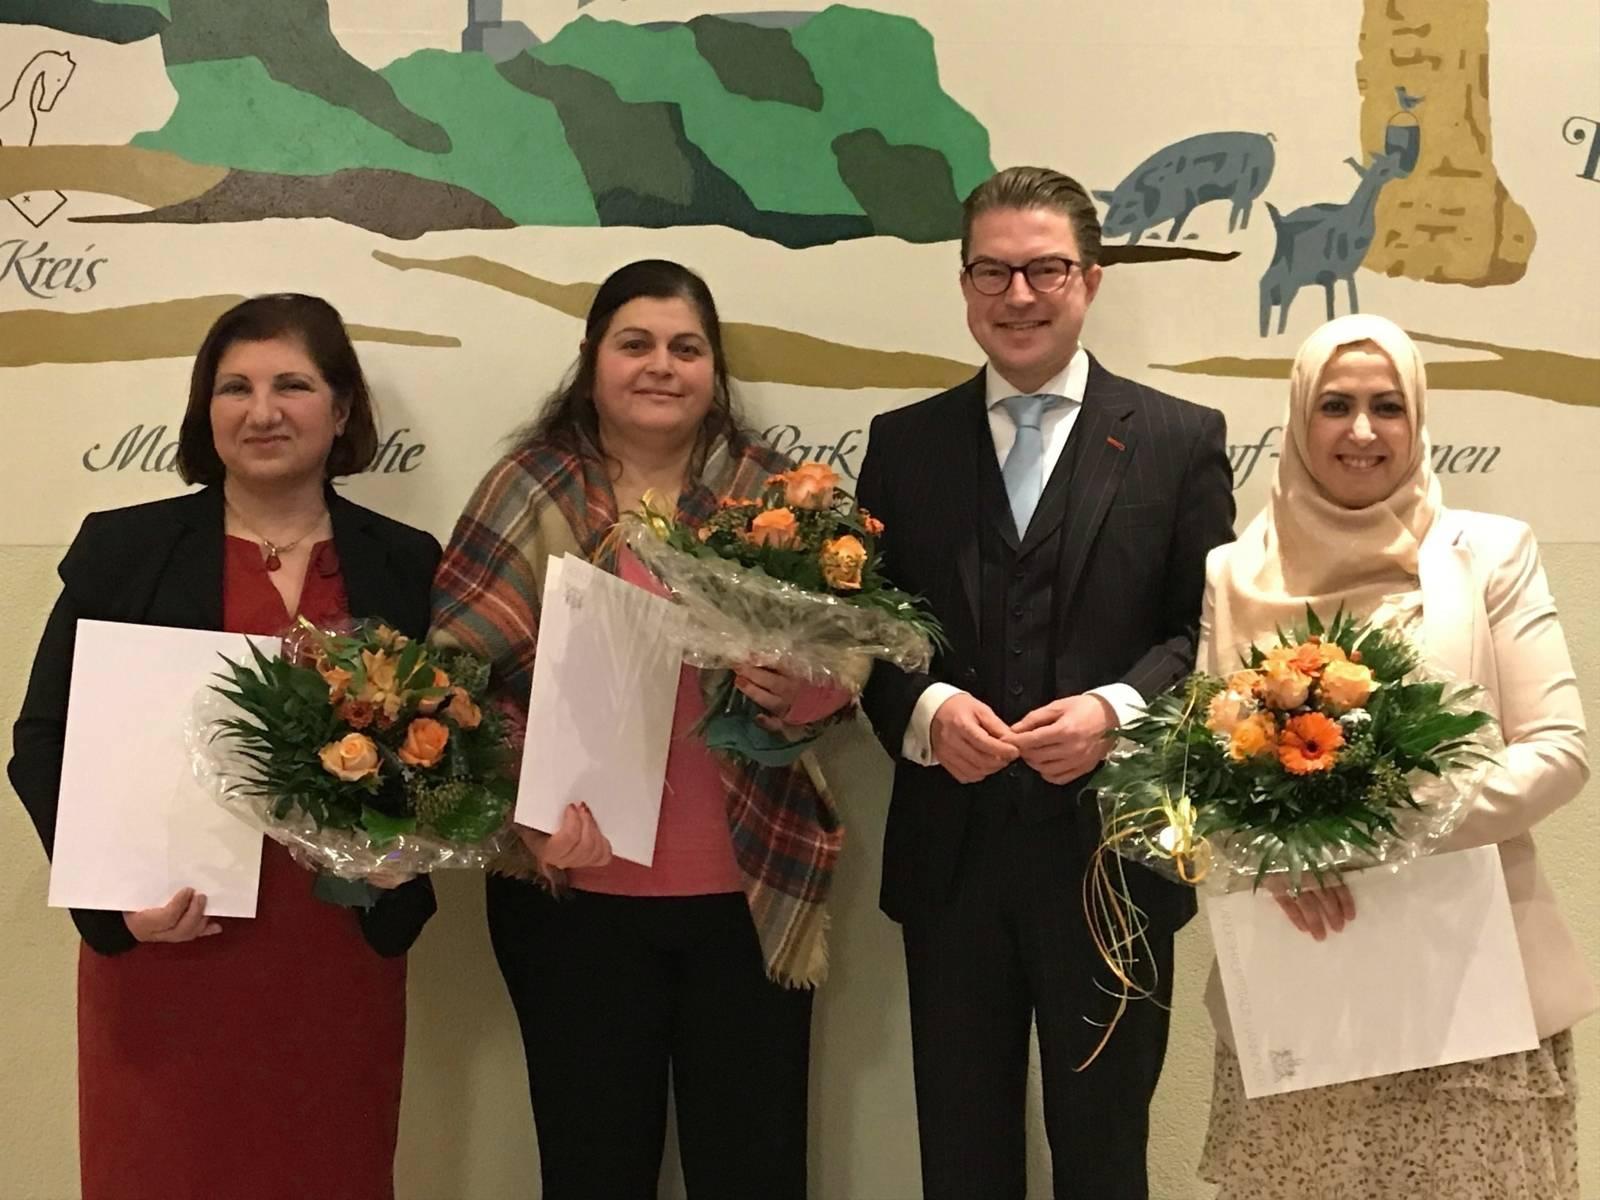 Gruppenfoto: Drei Frauen halten Urkunden und Blumensträuße in den Händen, dazwischen der Bezirksbürgermeister Henning Hofmann.